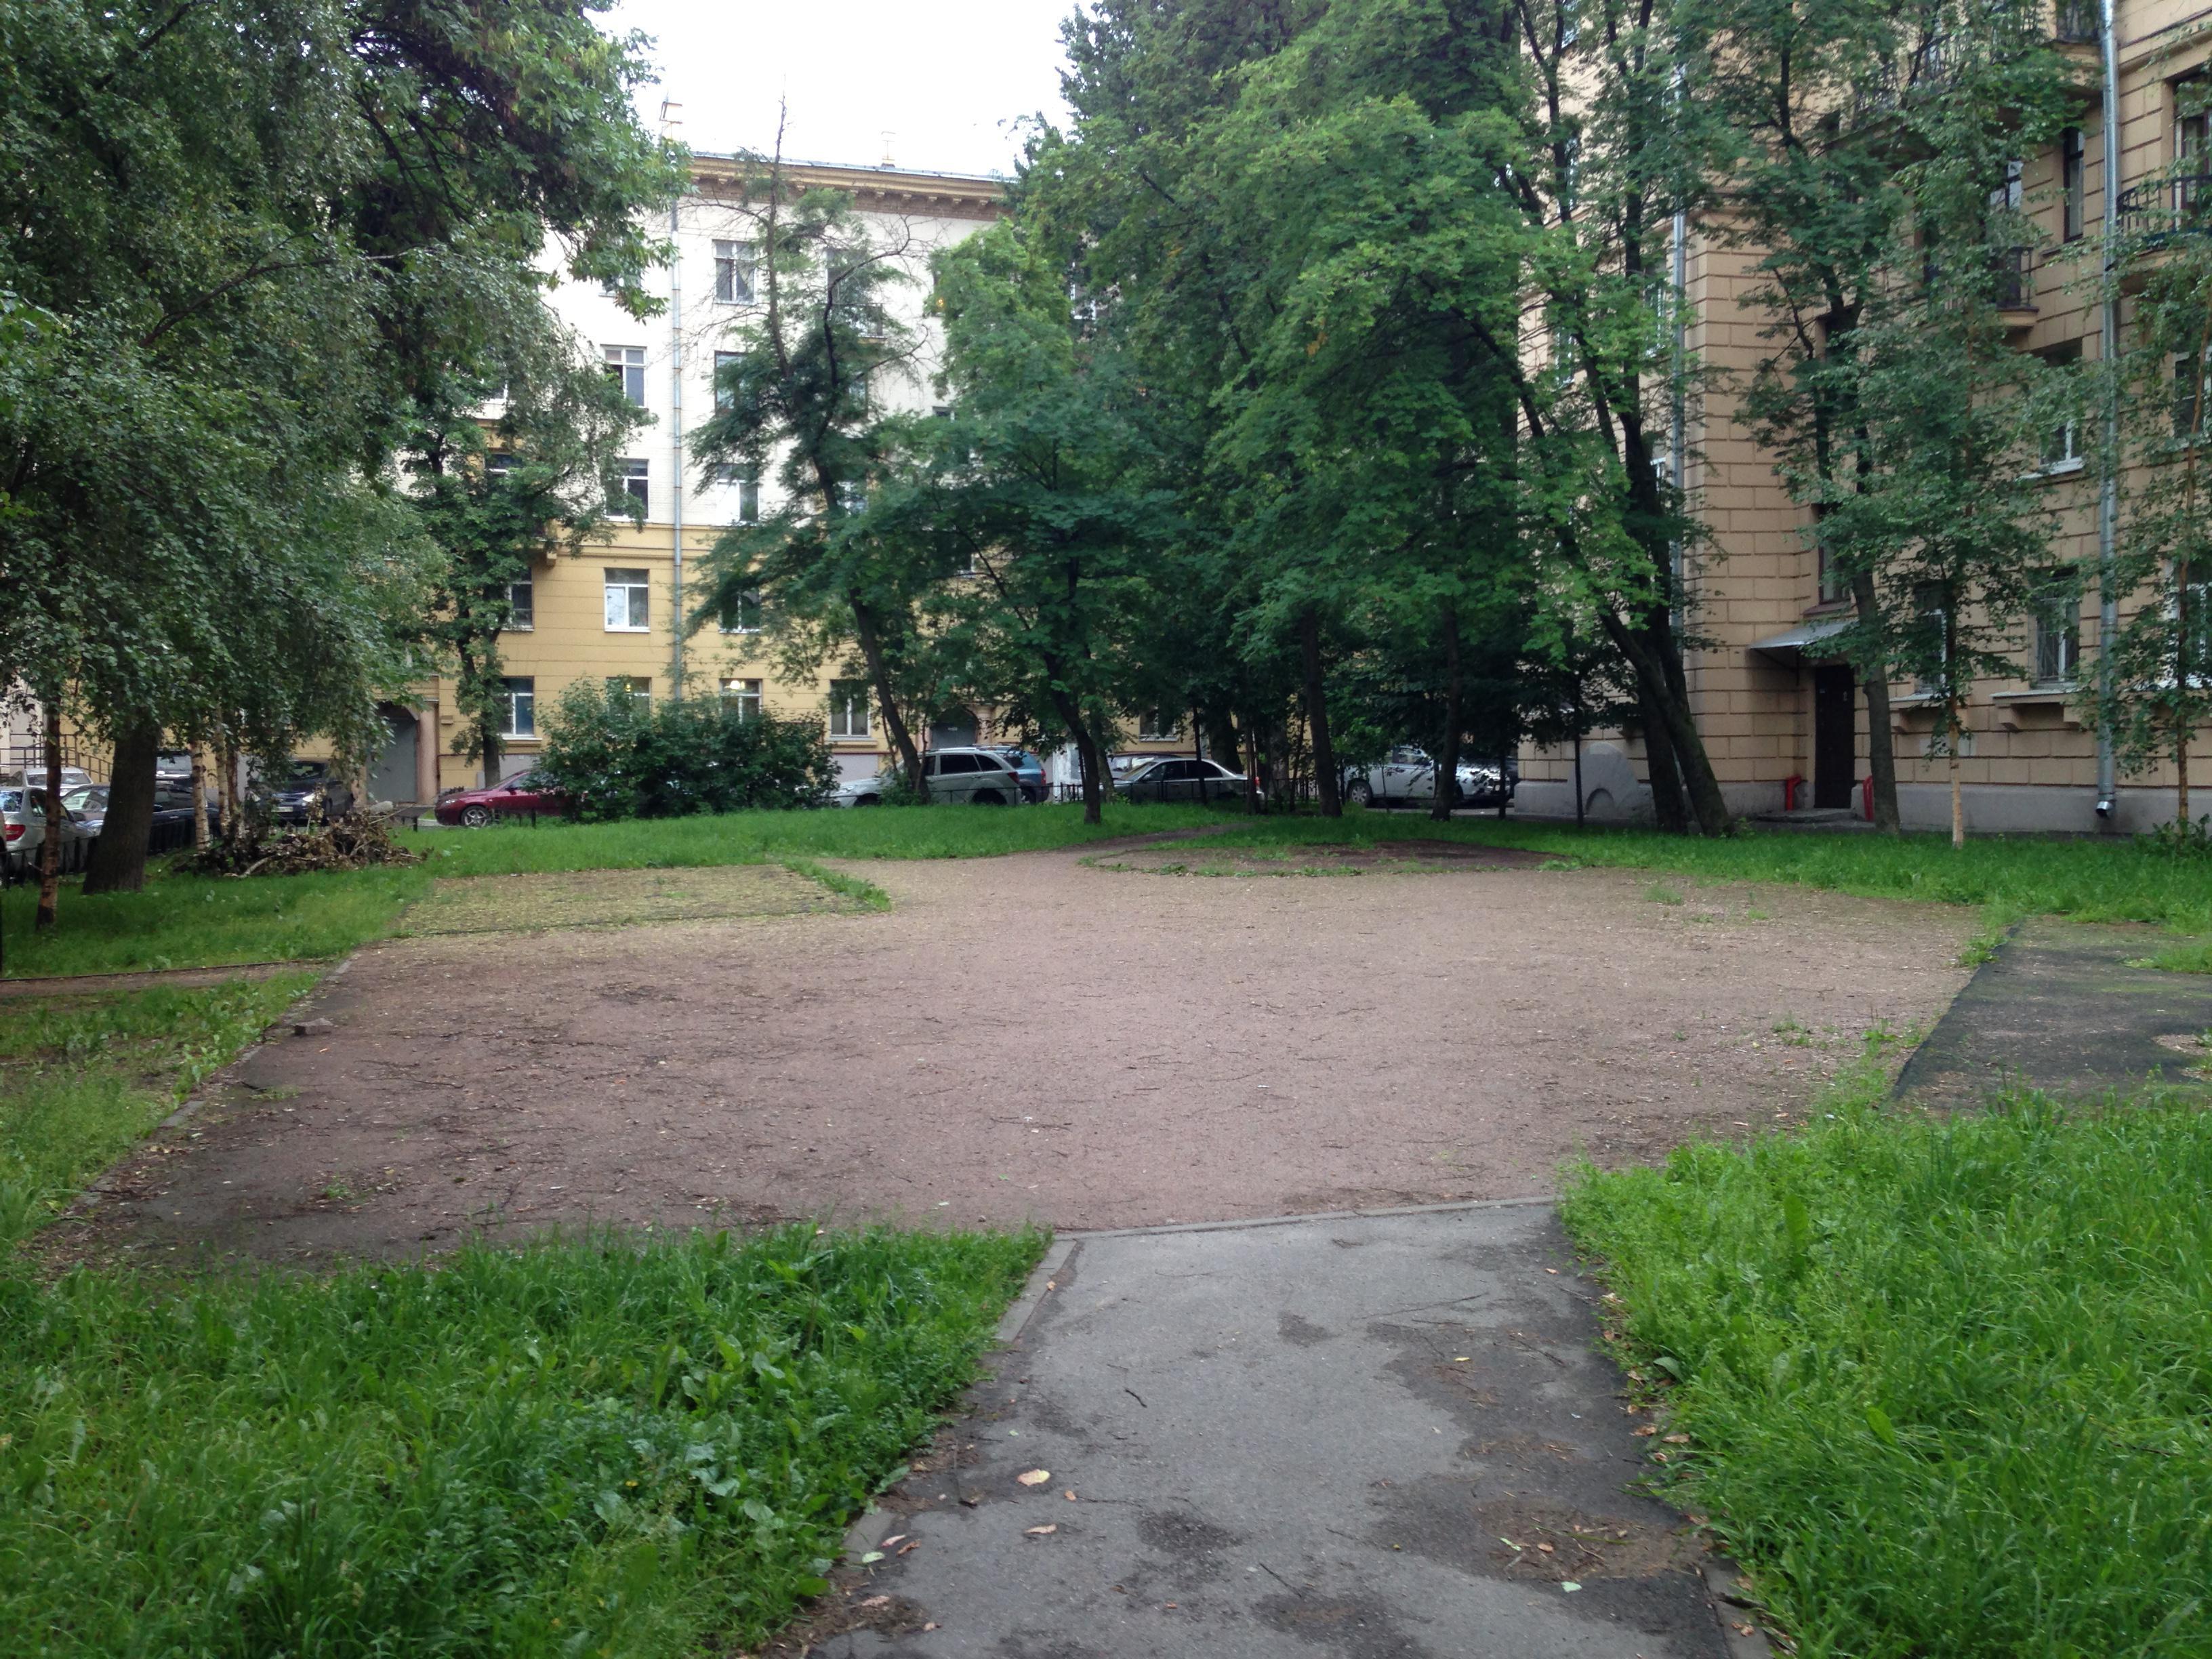 фото ЗакС политика Работу по уборке и озеленению МО Большая Охта оценили в 20,9 млн рублей